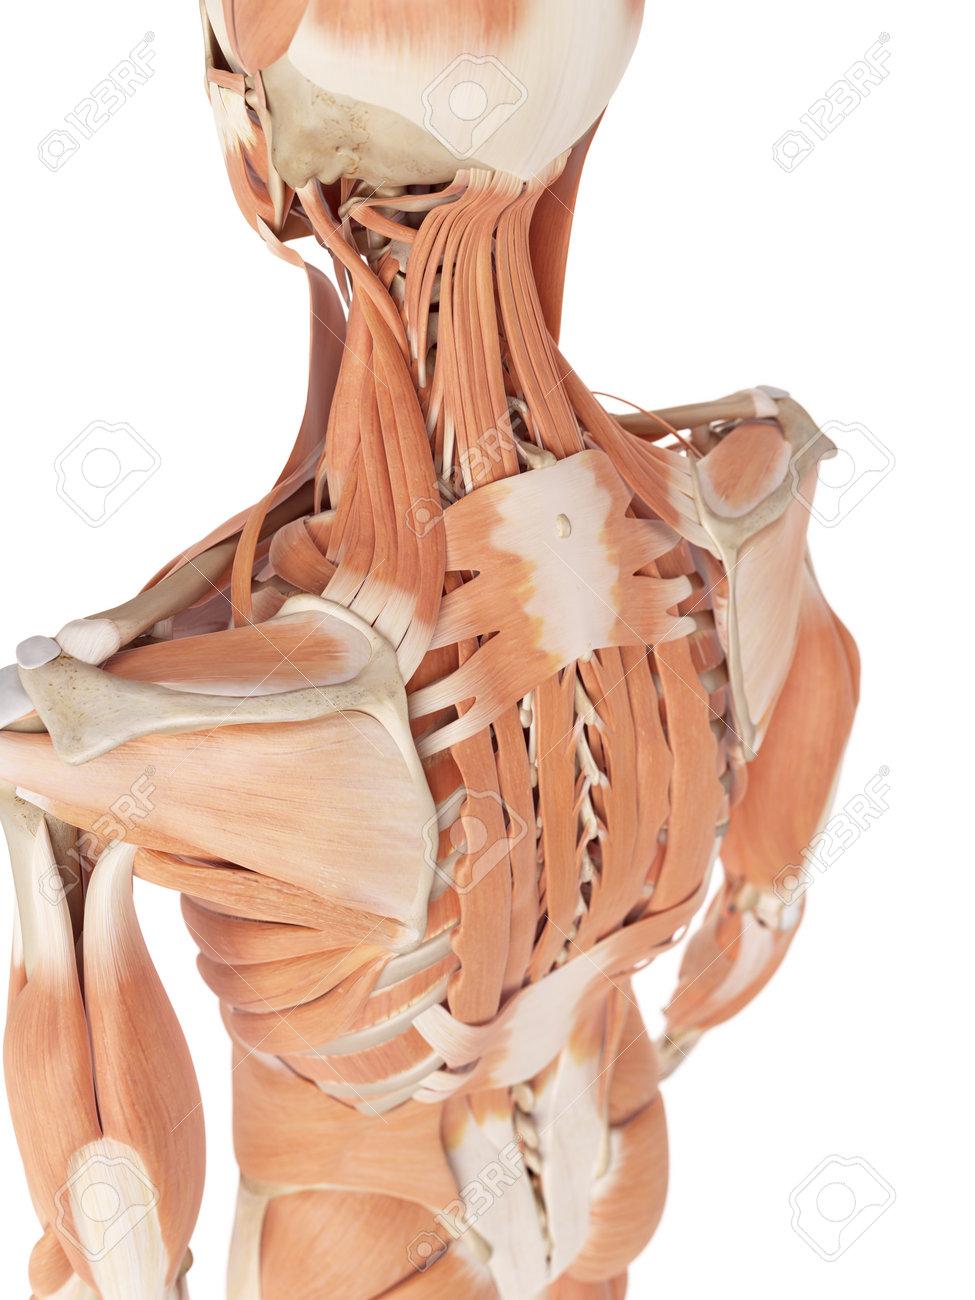 Excelente Músculos De La Espalda Cresta - Imágenes de Anatomía ...